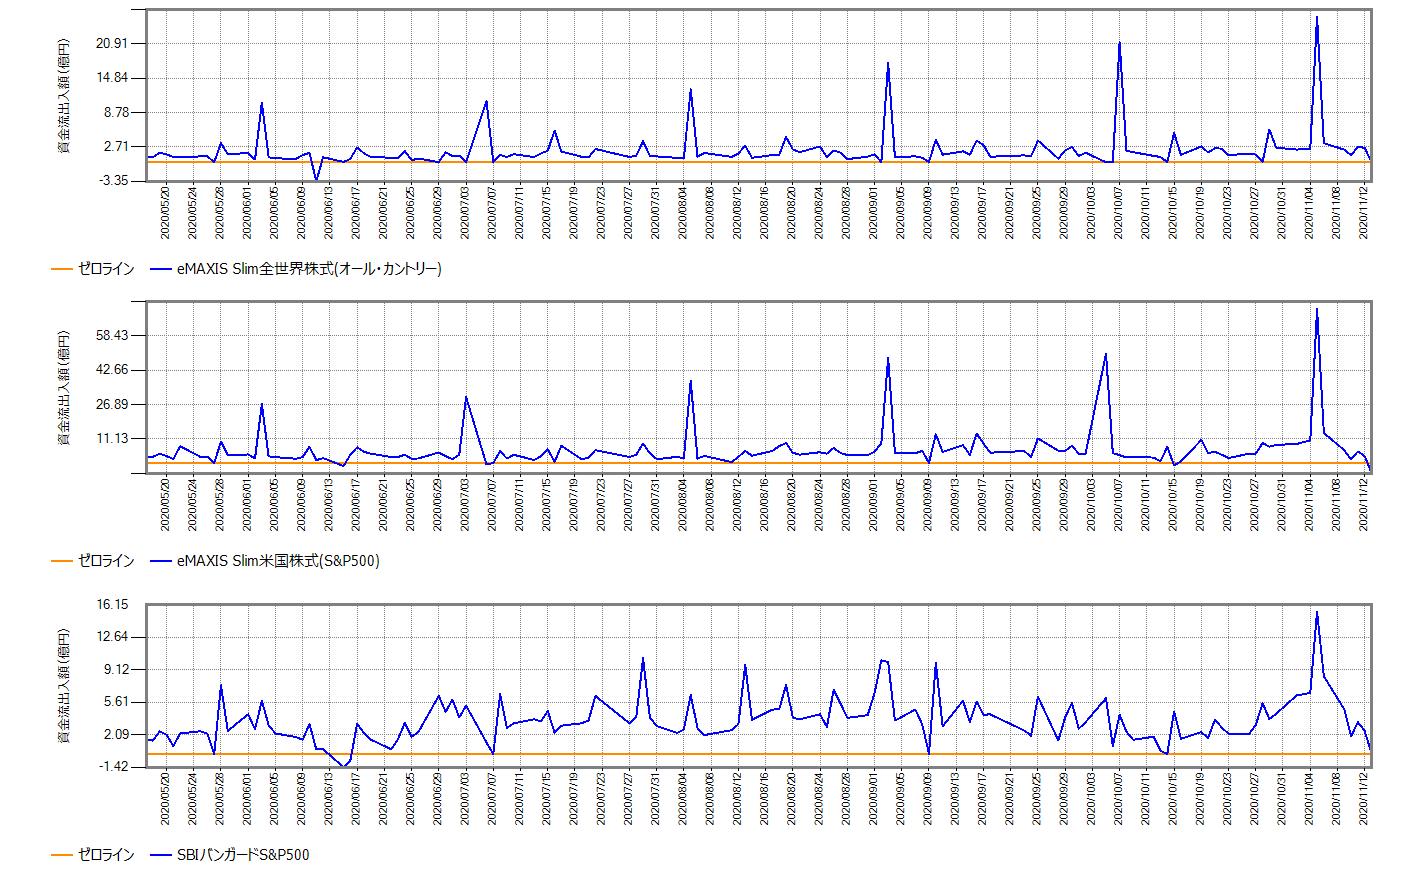 スリム全世界株式(オール・カントリー)、スリム米国株式(S&P500)、SBIバンガードS&P500の、直近6ヶ月の毎営業日ごとの資金流出入額の推移グラフ